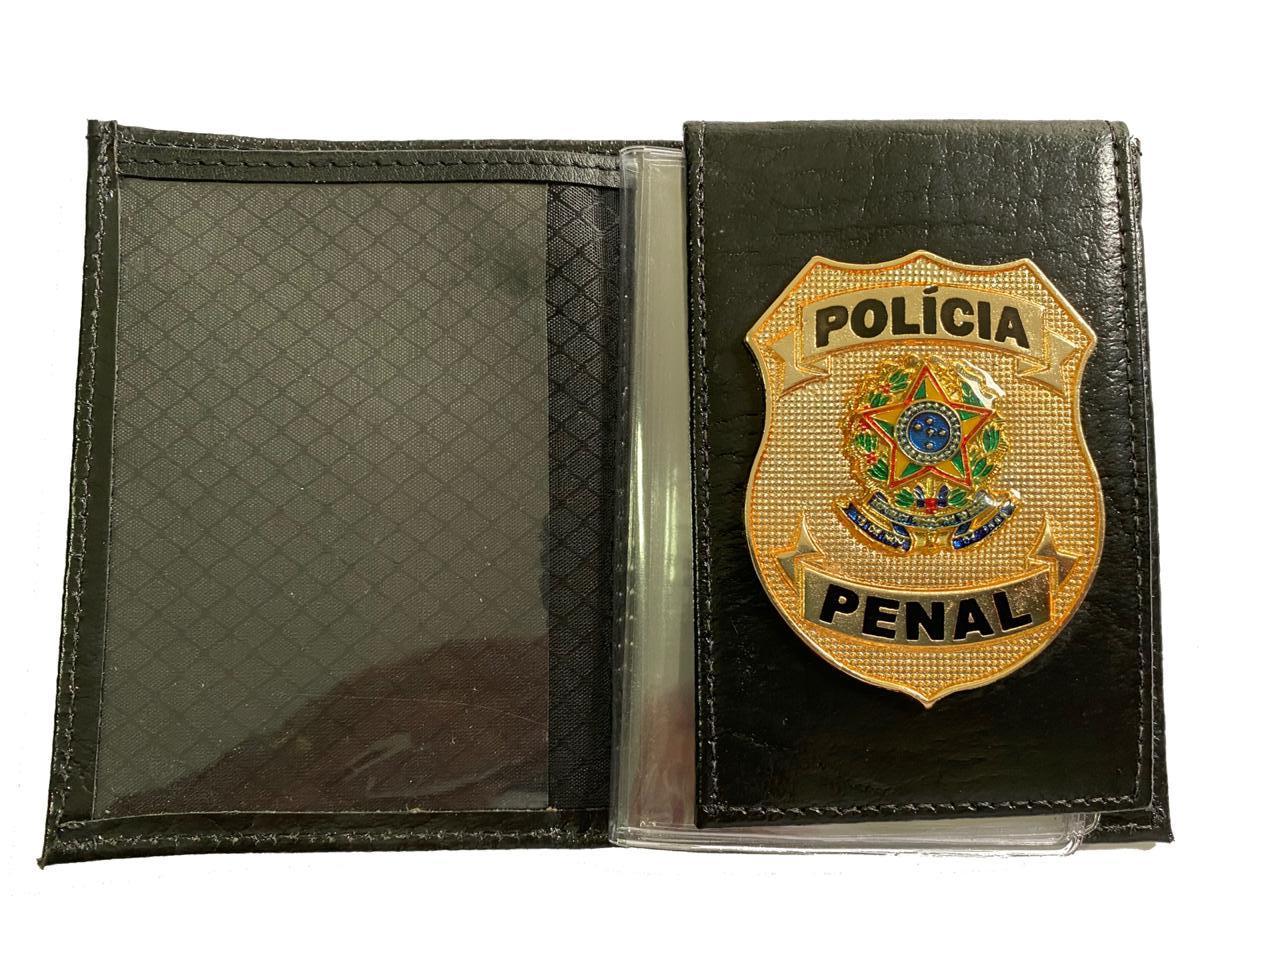 POLÍCIA PENAL NACIONAL NOVO - PP BRASÃO NACIONAL